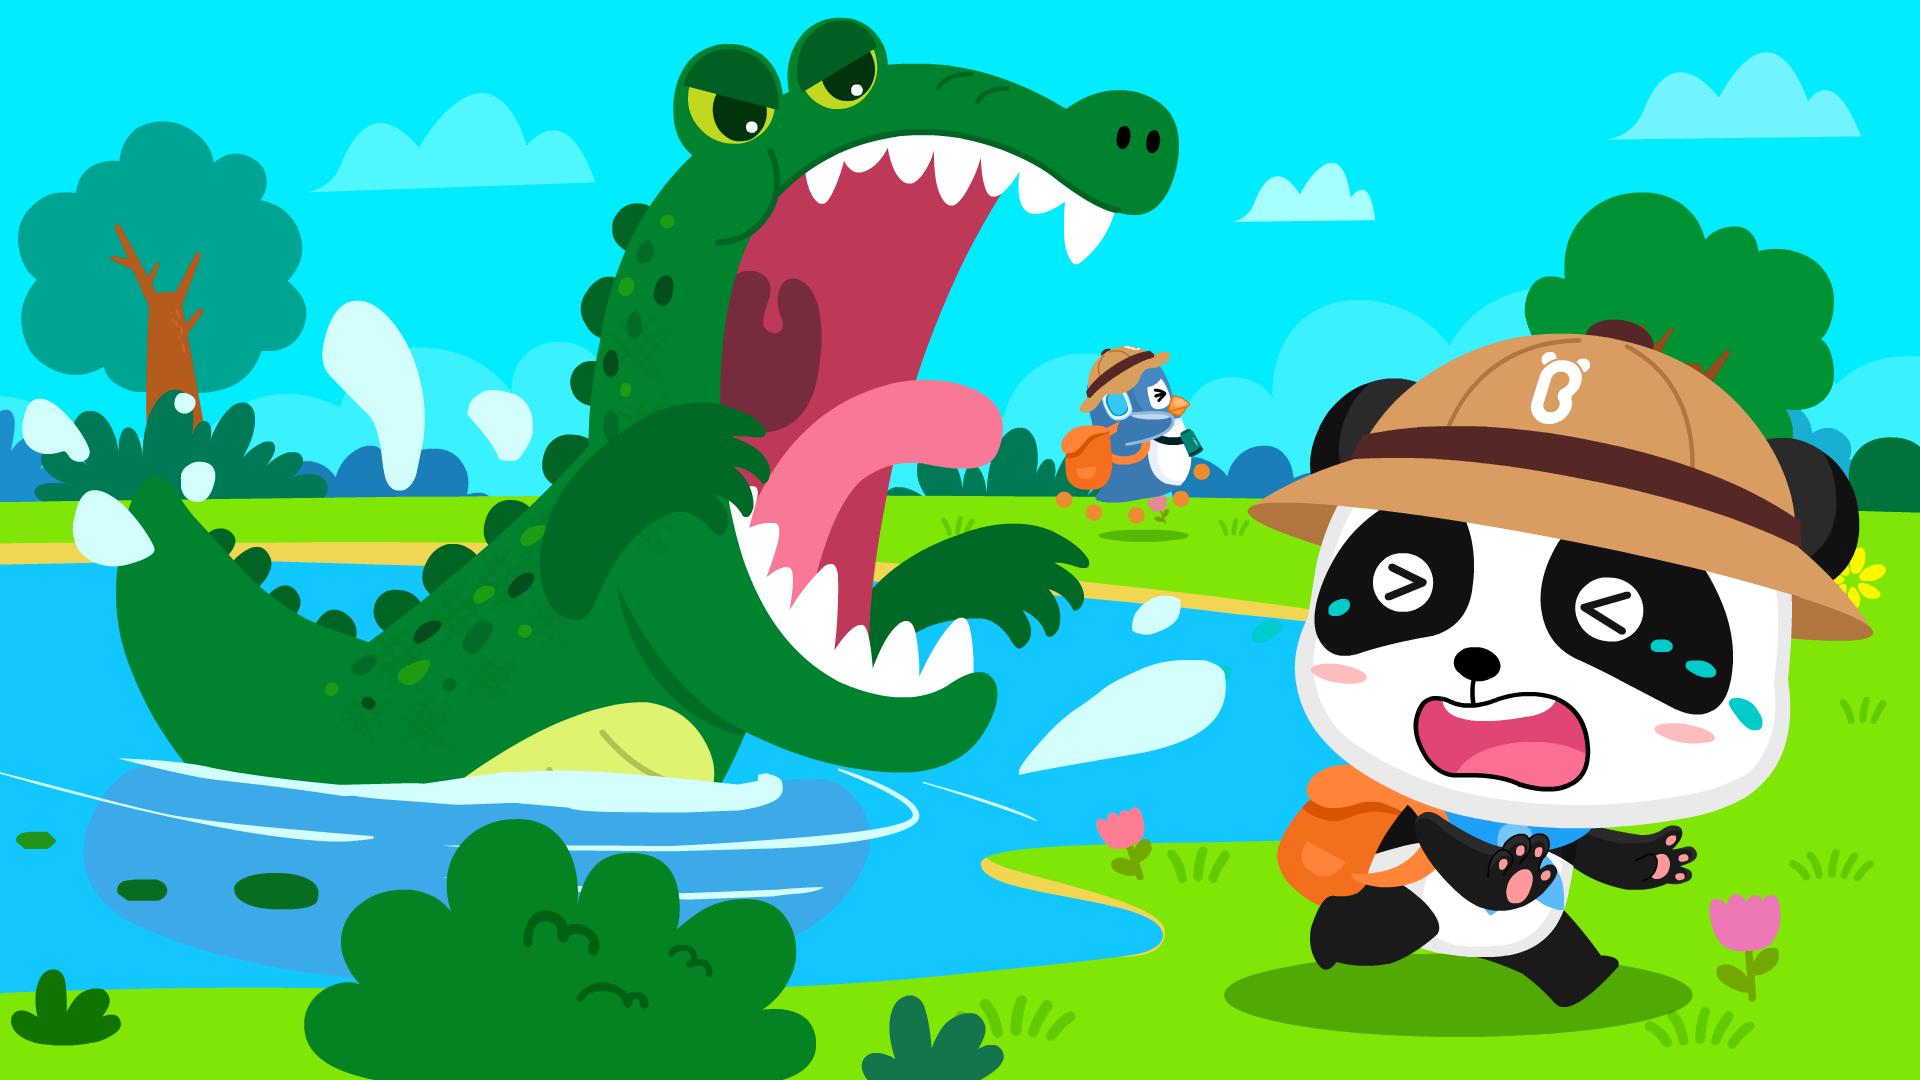 宝宝巴士之动物世界森林探险队遇到鳄鱼会发生什么有趣的故事